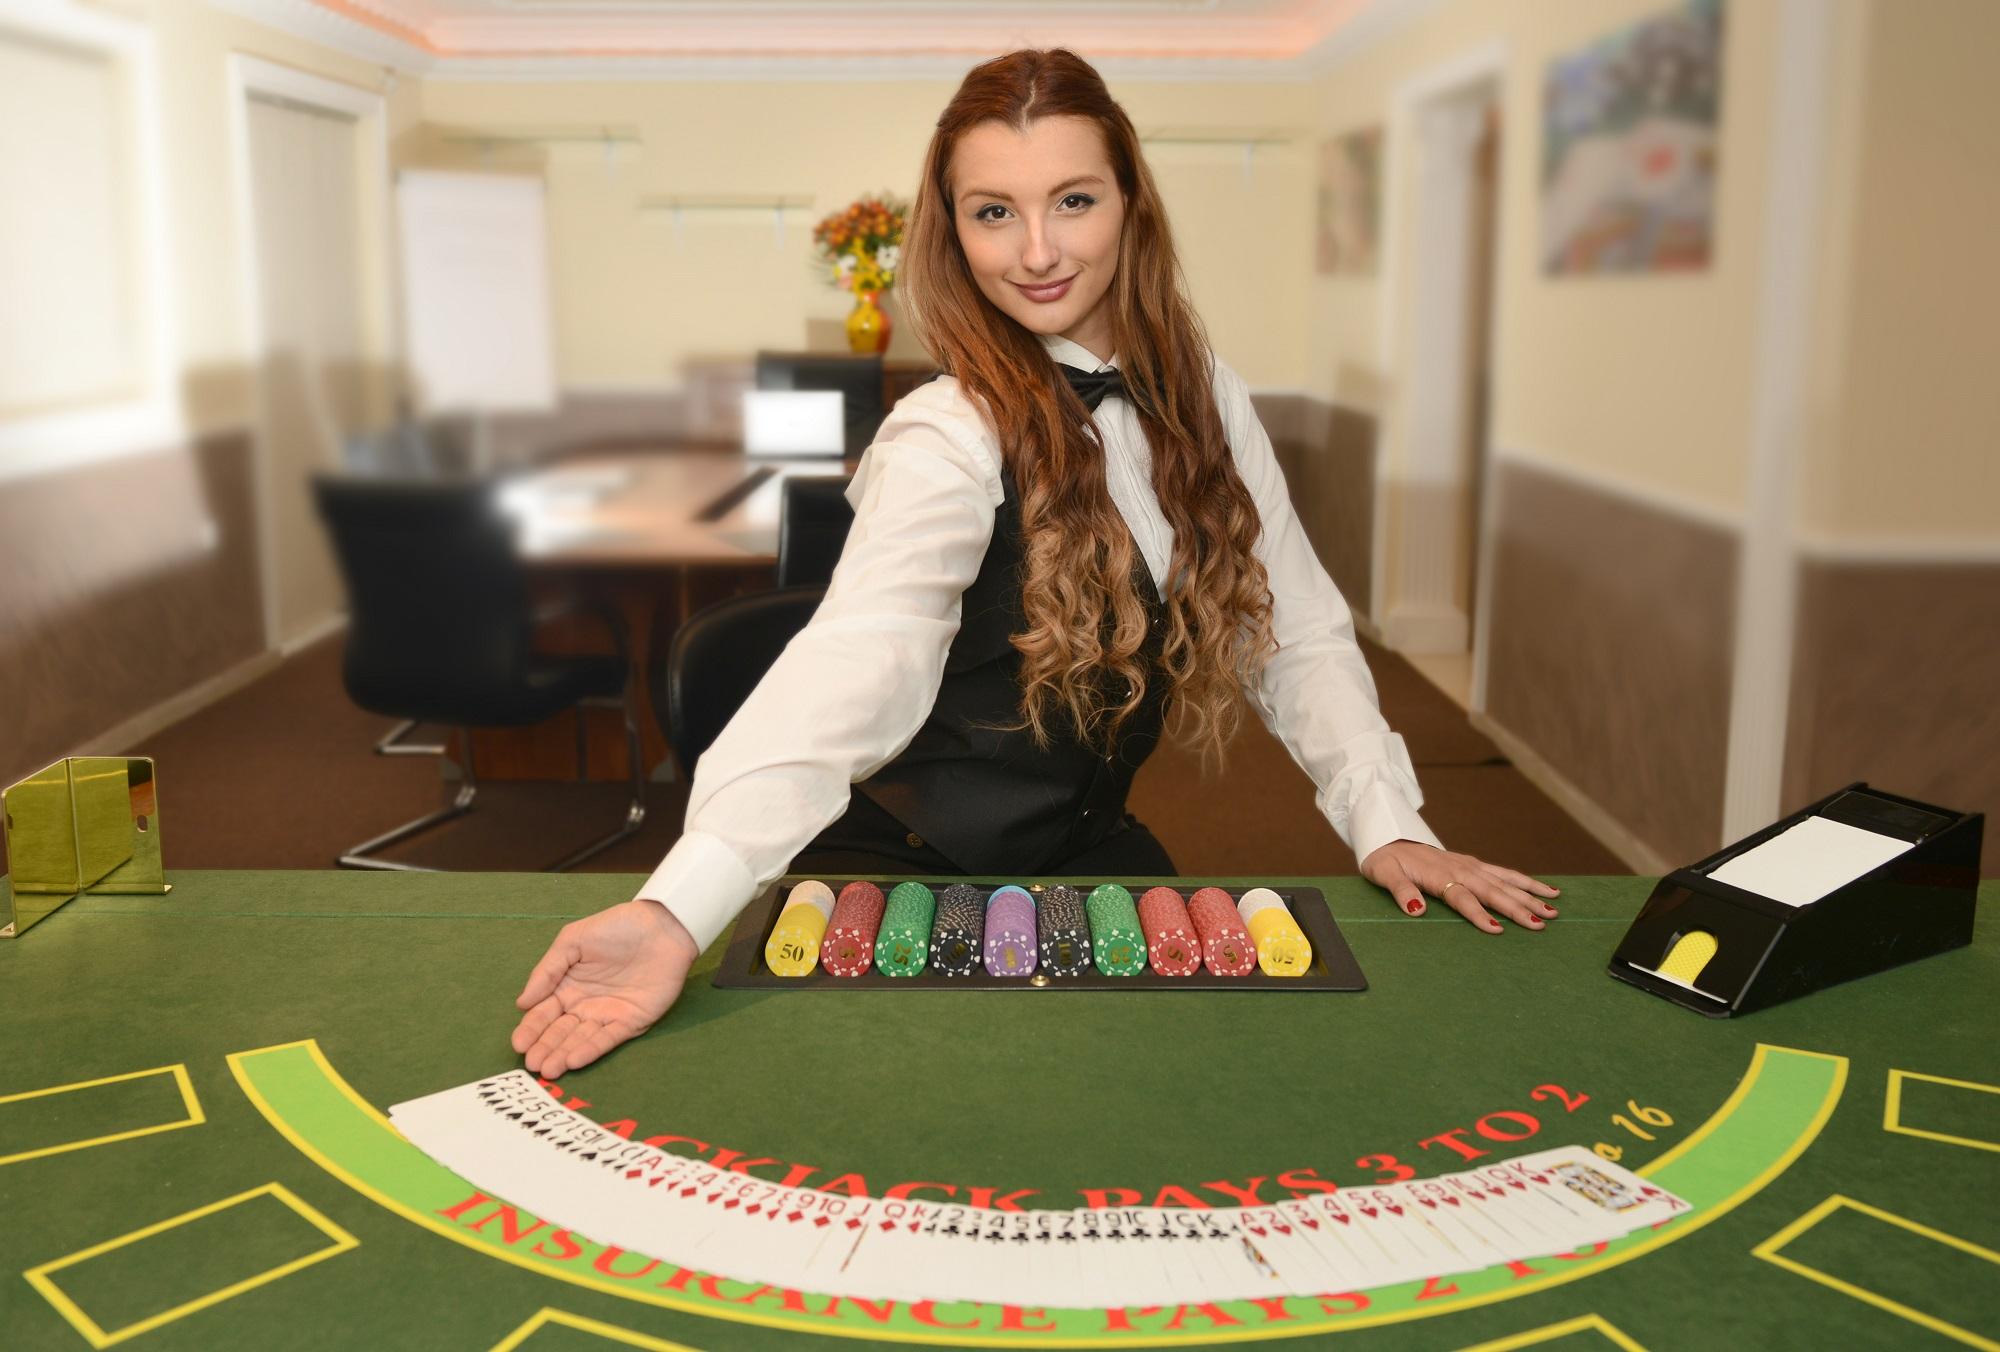 Live Blackjack Casino